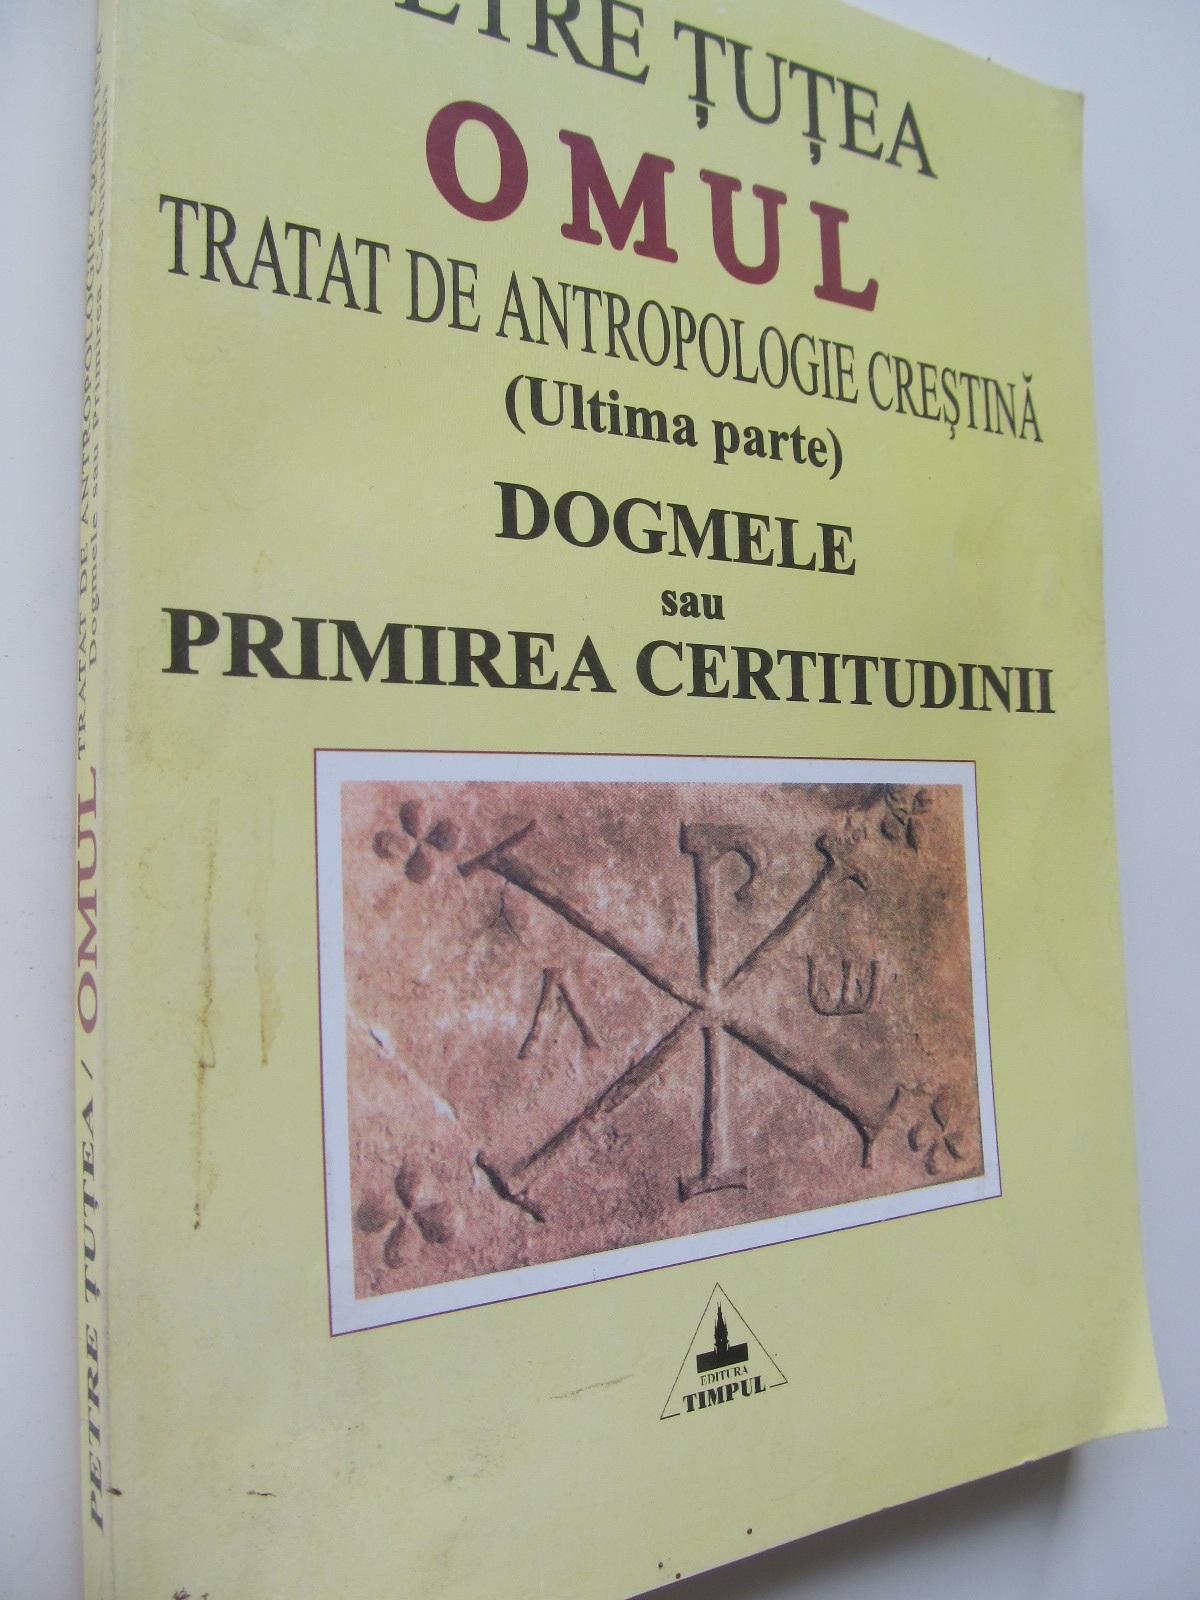 Omul Tratat de antropologie crestina Dogmele sau primirea certitudinii - Petre Tutea | Detalii carte